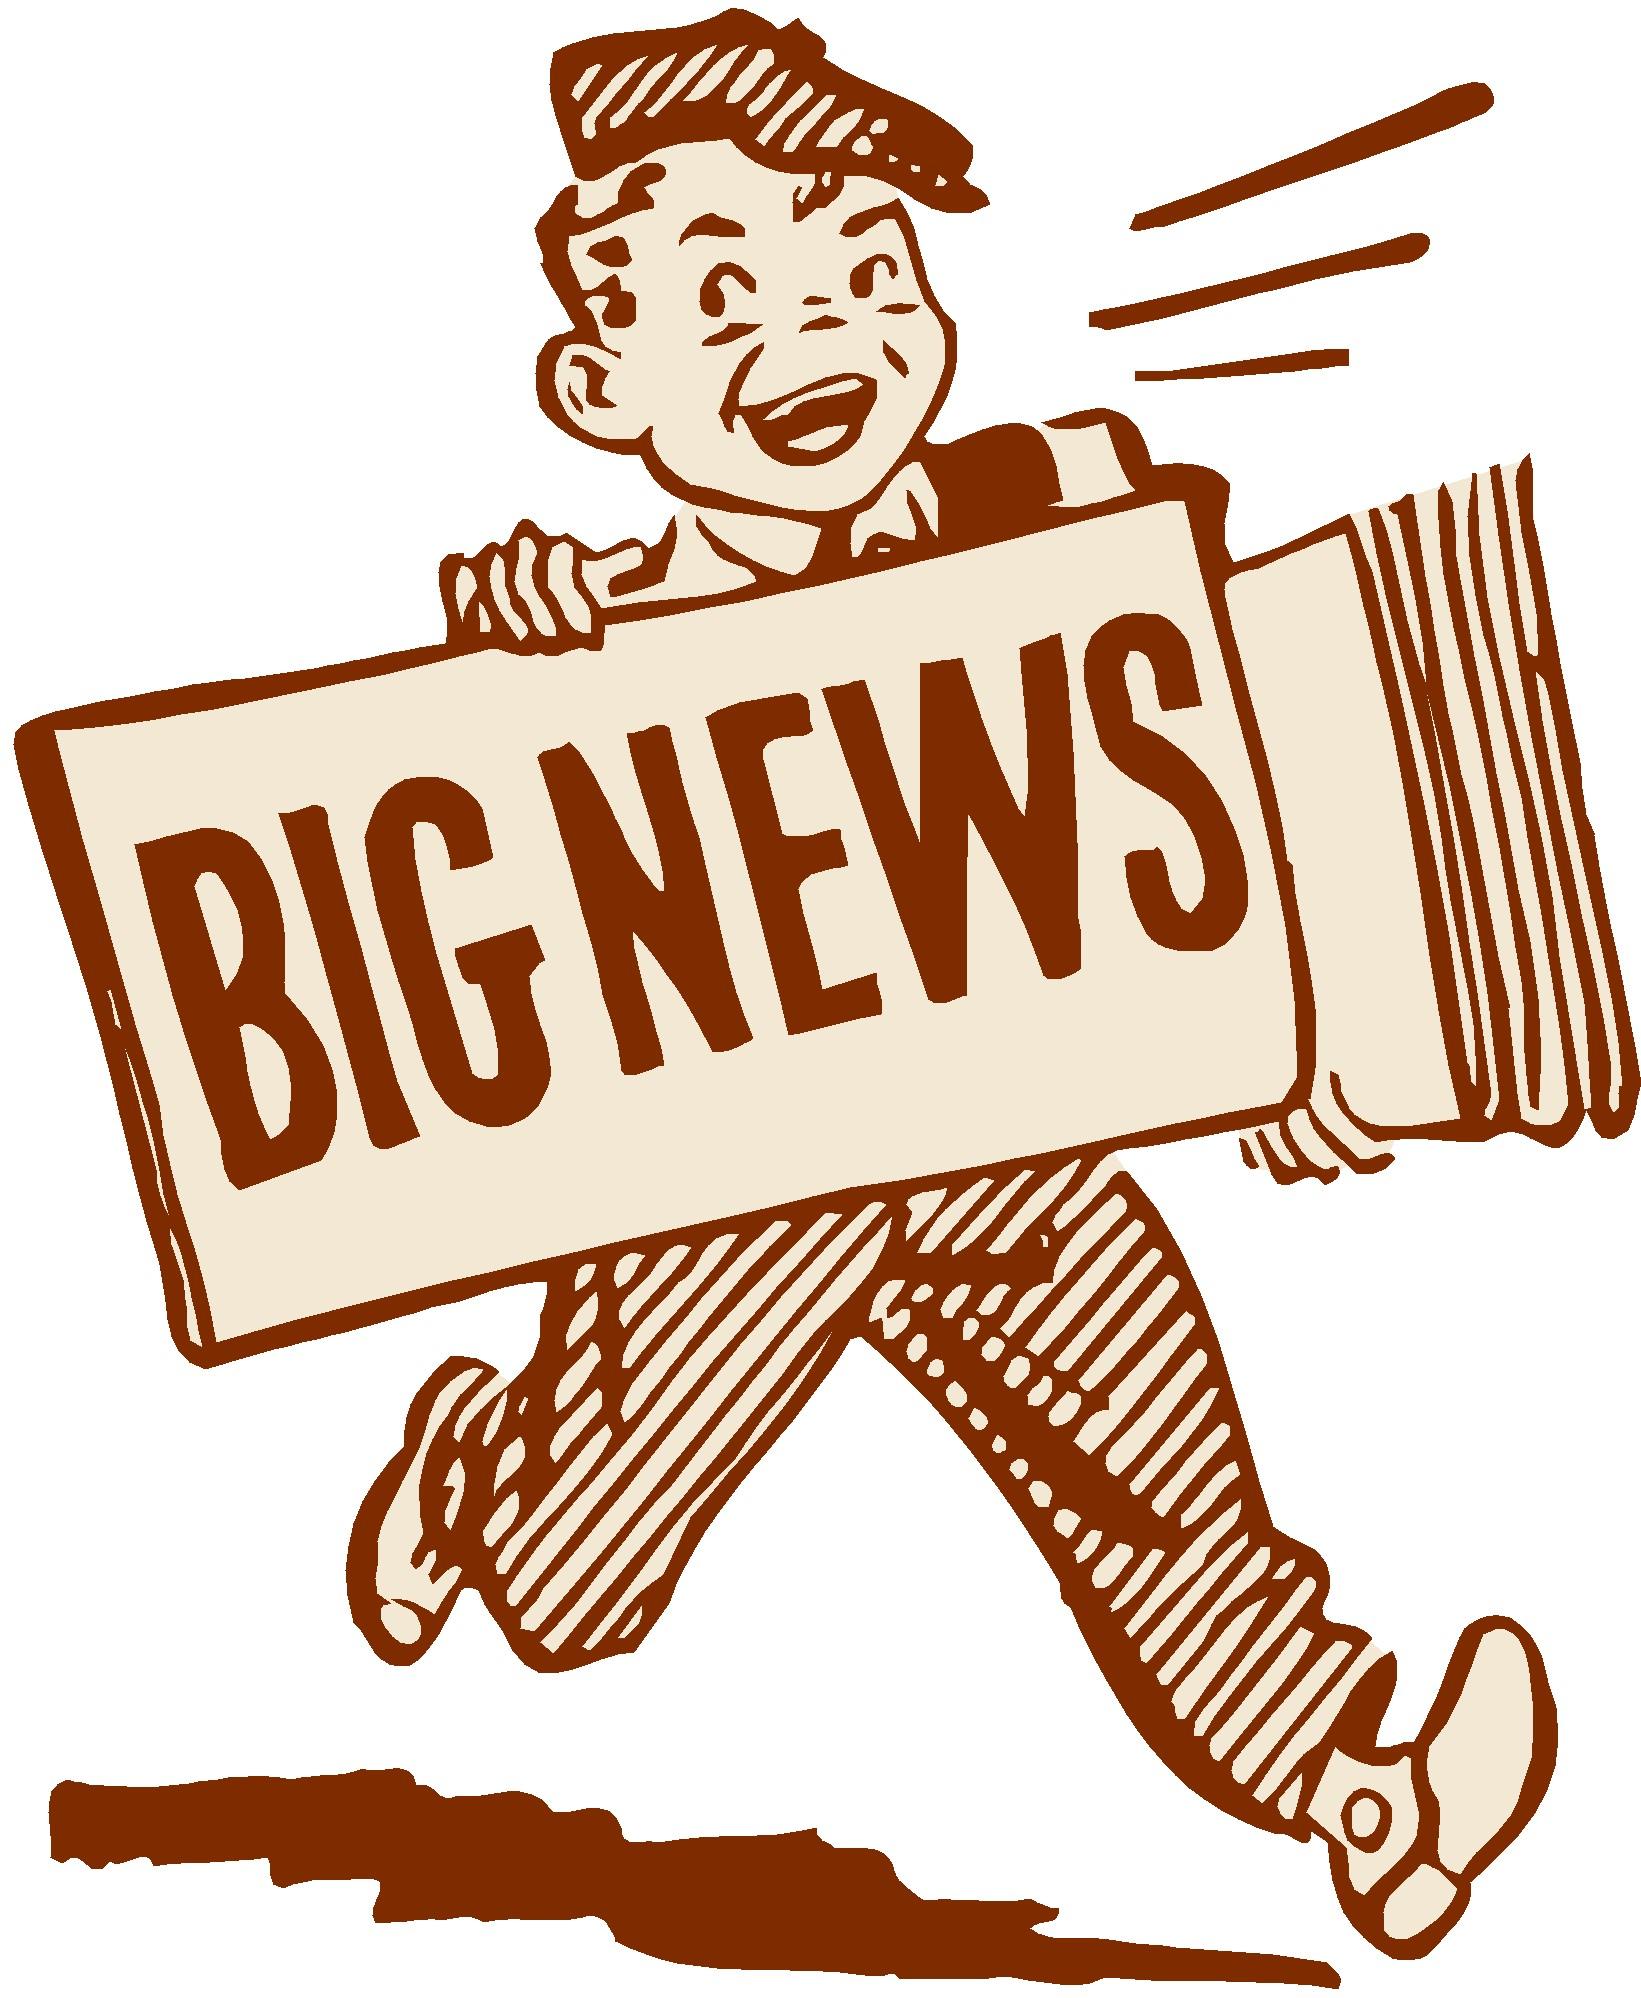 News clipart. Big